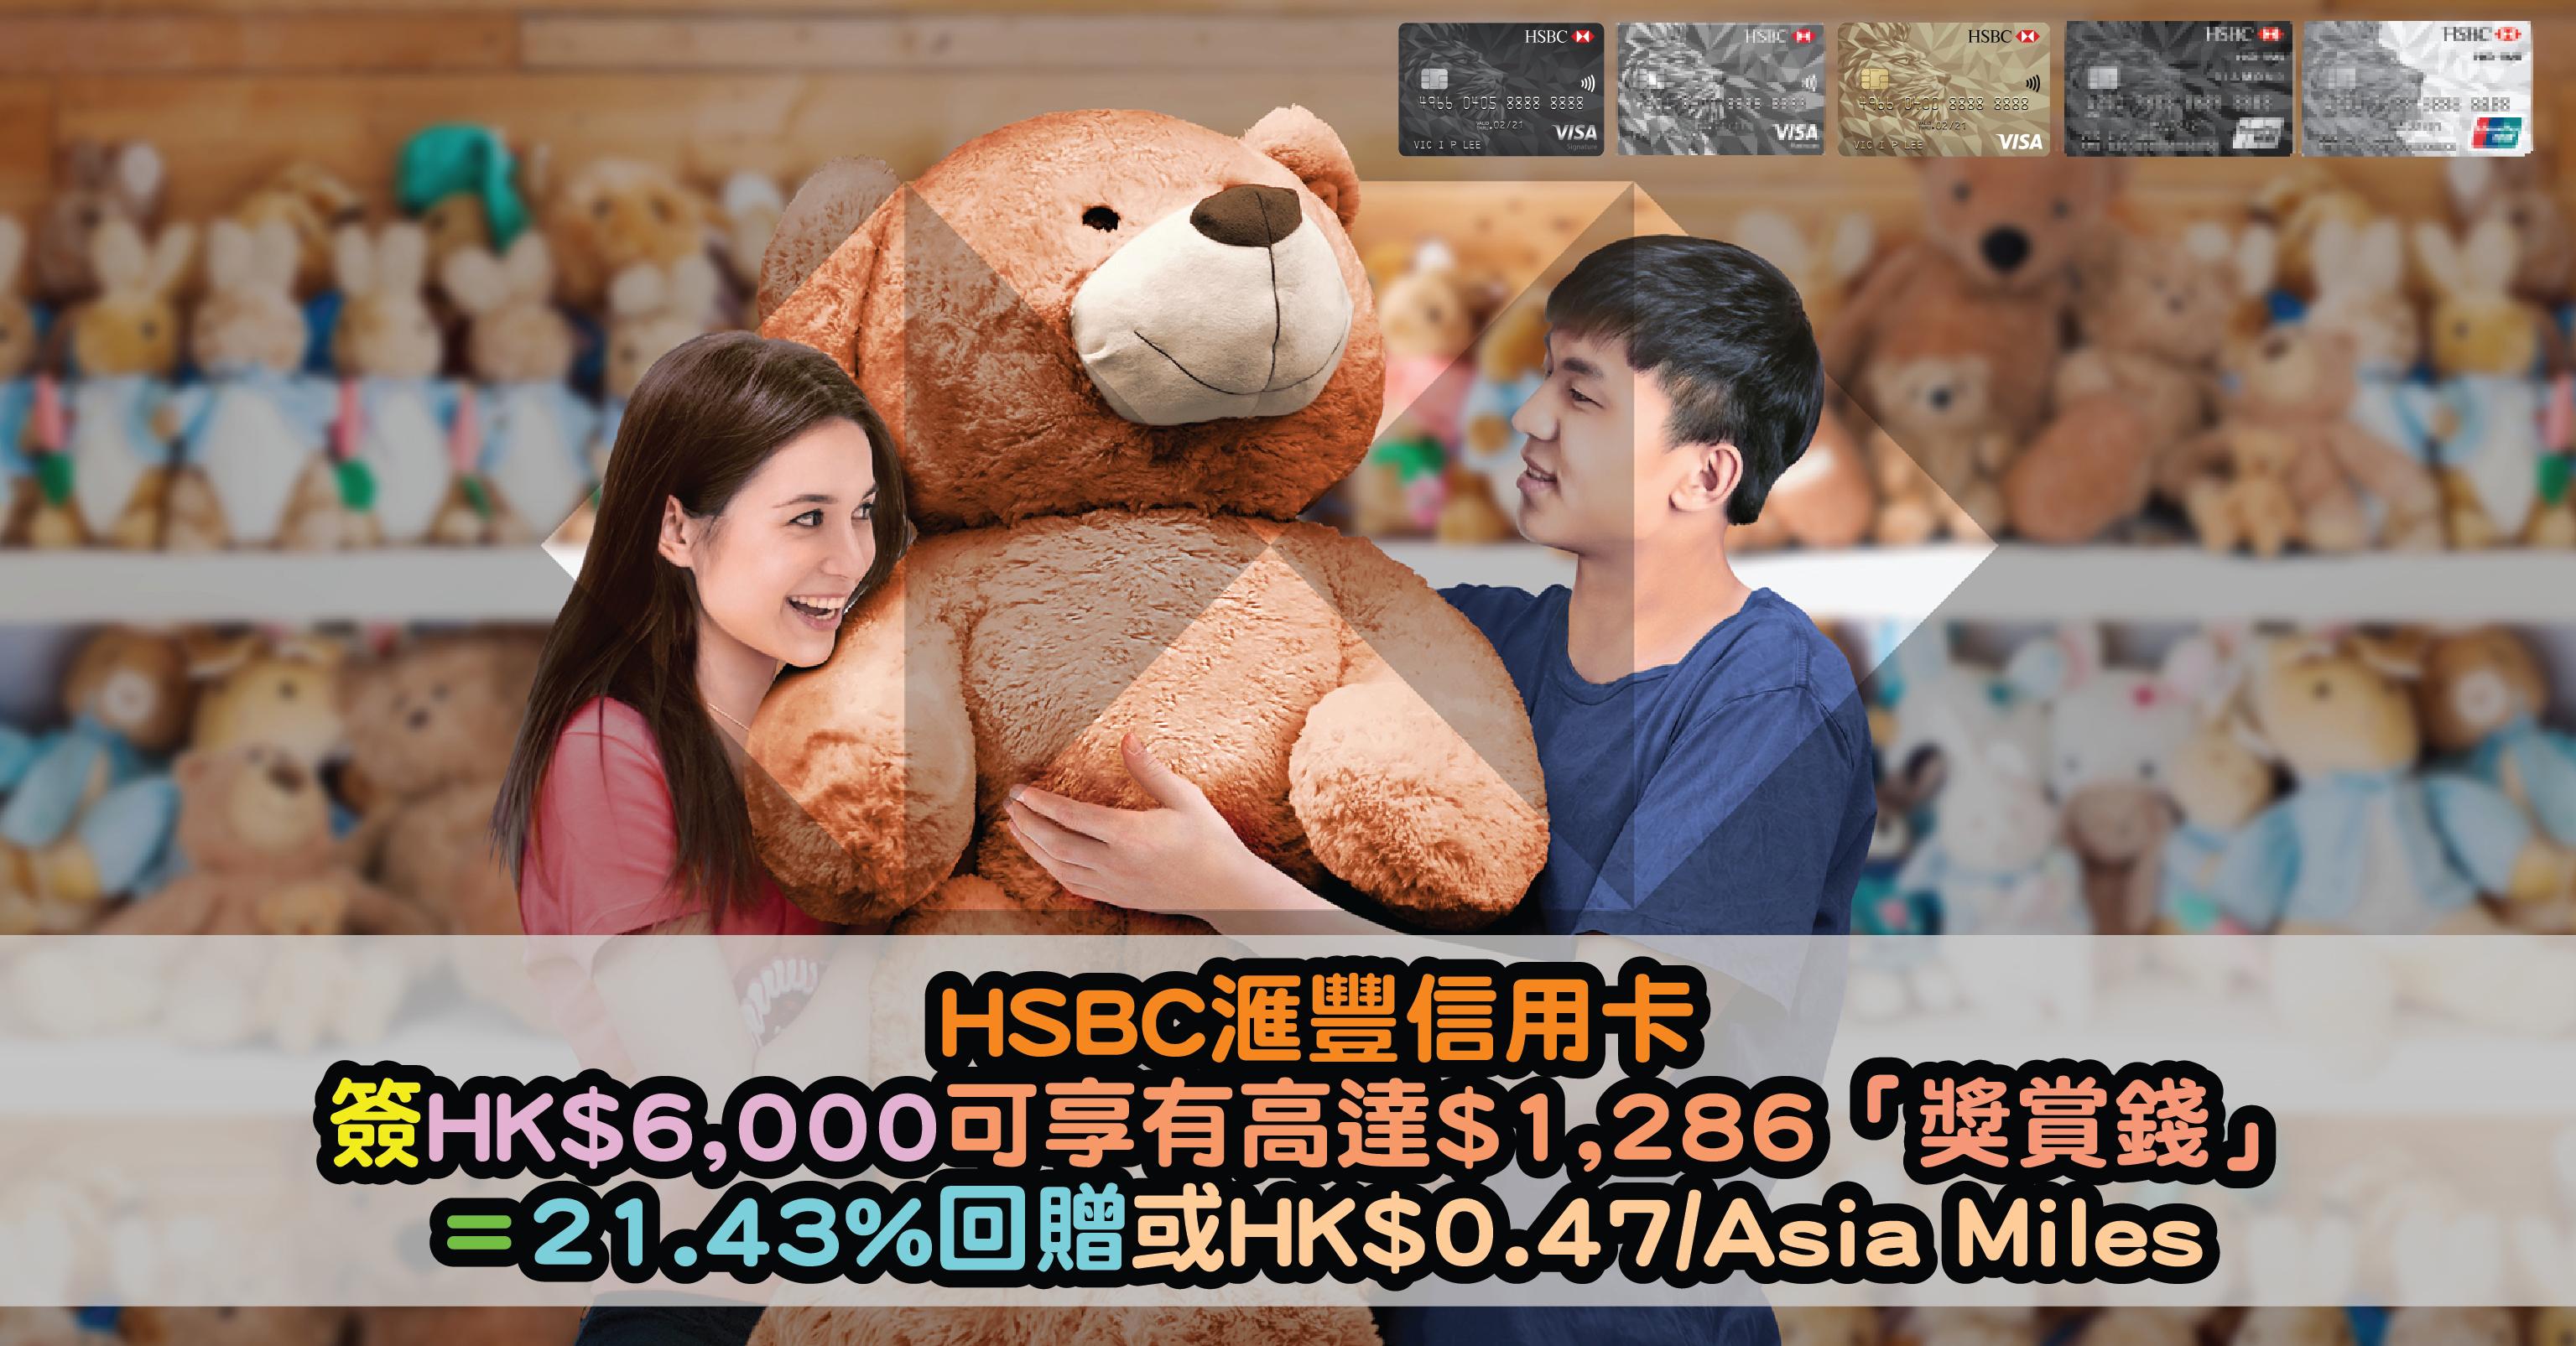 繼續咁抵!HSBC信用卡迎新 + 最紅自主獎賞 + 最紅網上/海外簽賬獎賞 + 小斯額外獎賞,簽HK$/RMB 6,000可享高達$1,286「獎賞錢」,等於12,860里或21.43%「獎賞錢」回贈!